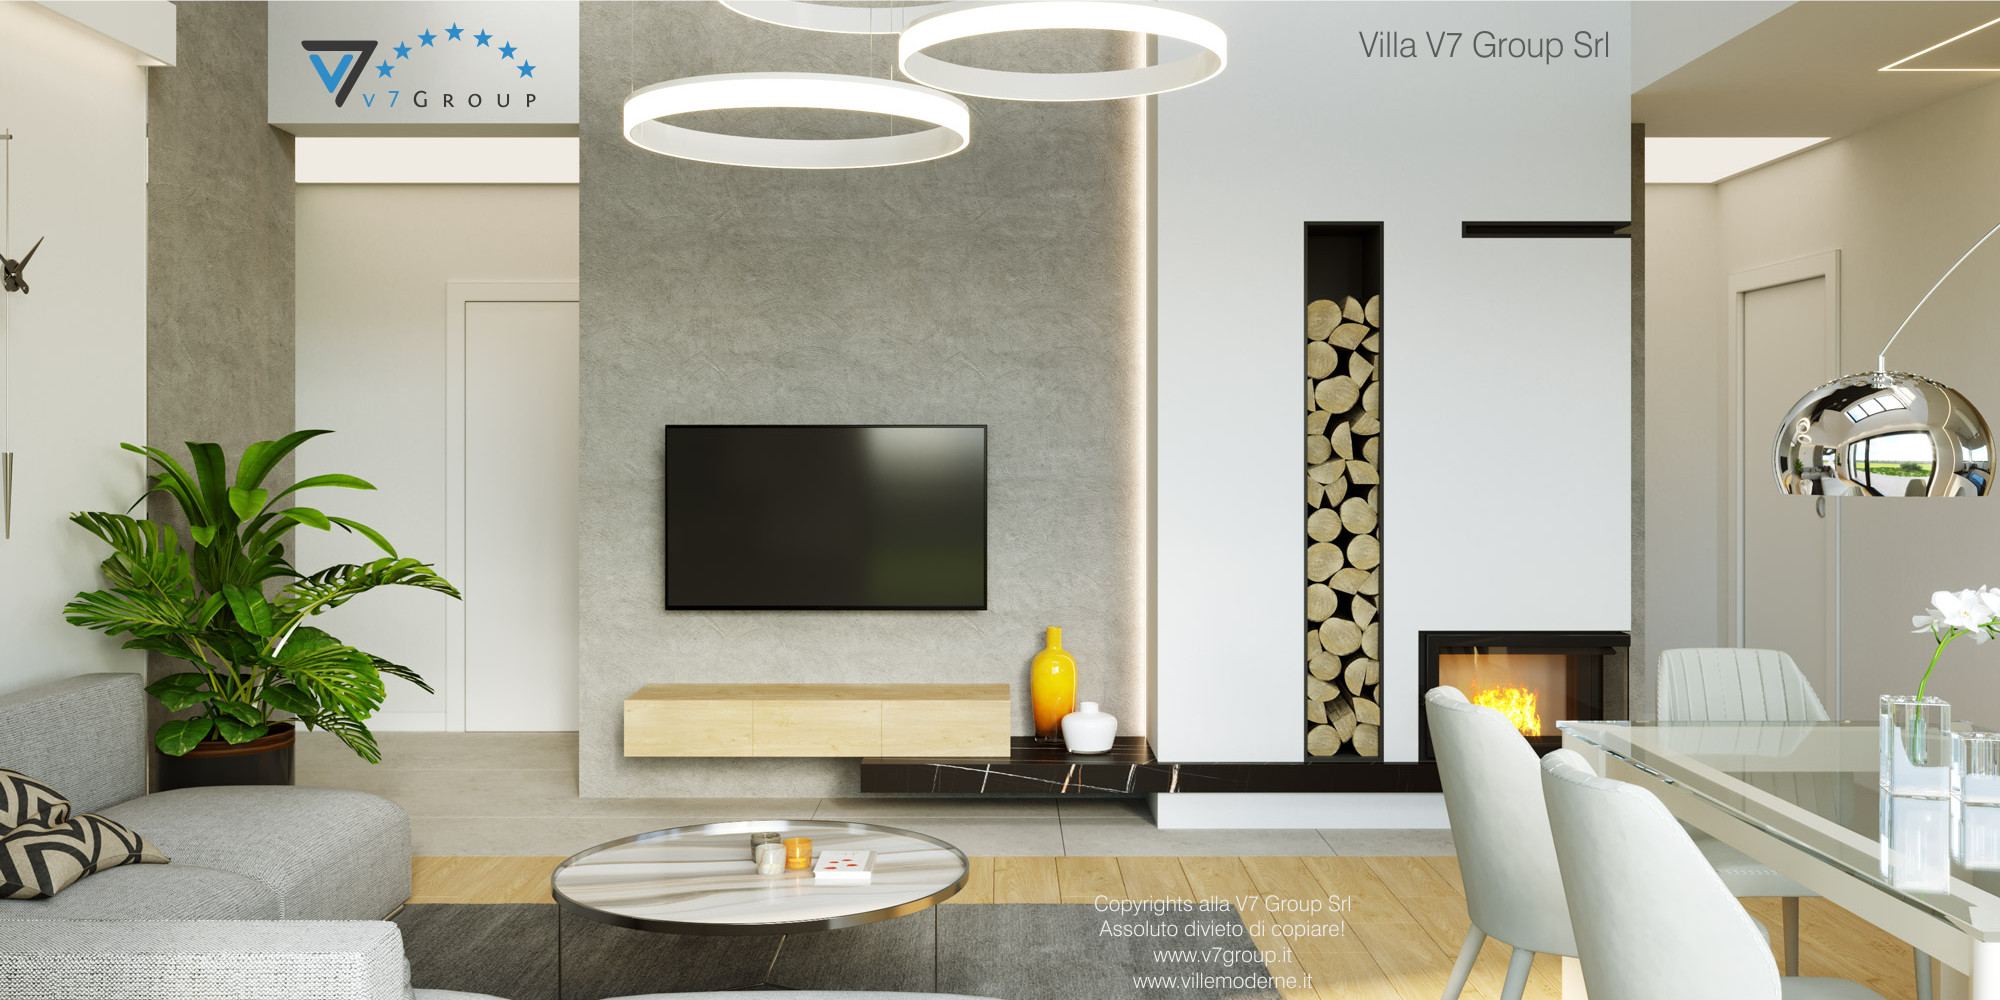 VM Immagine Villa V55 - interno 1 - immagine grande